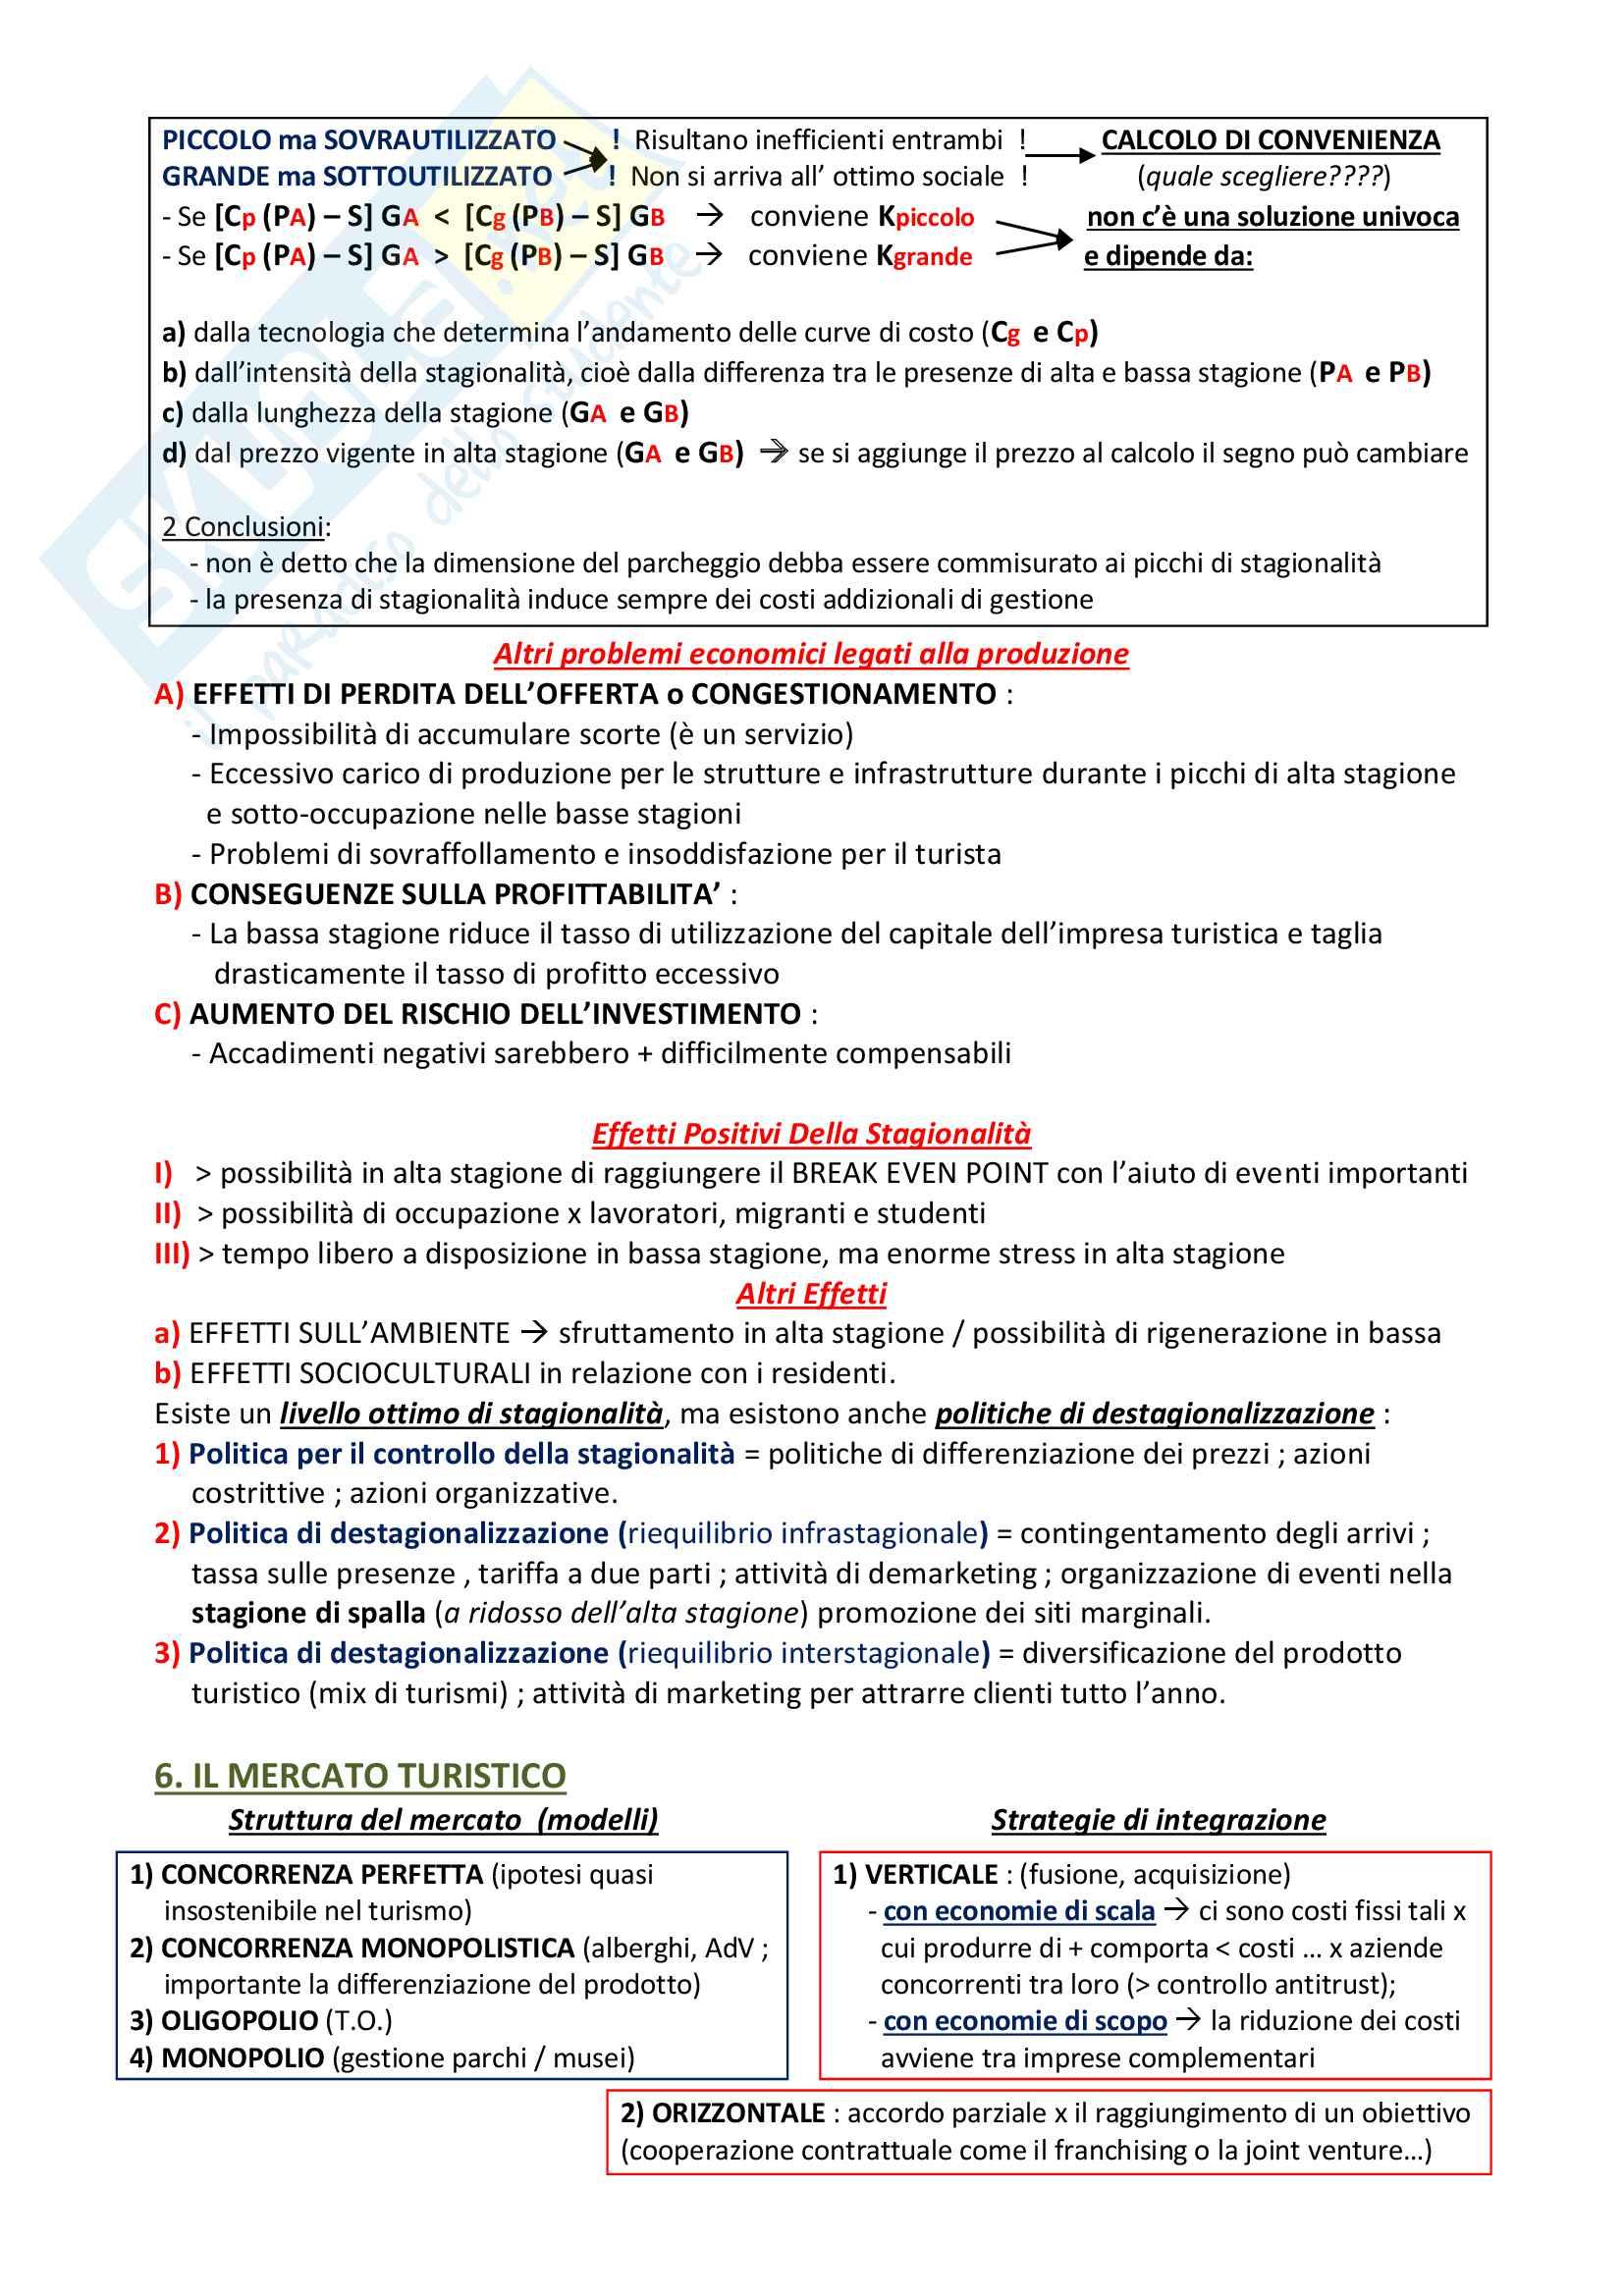 Appunti Economia Del Turismo Pag. 11